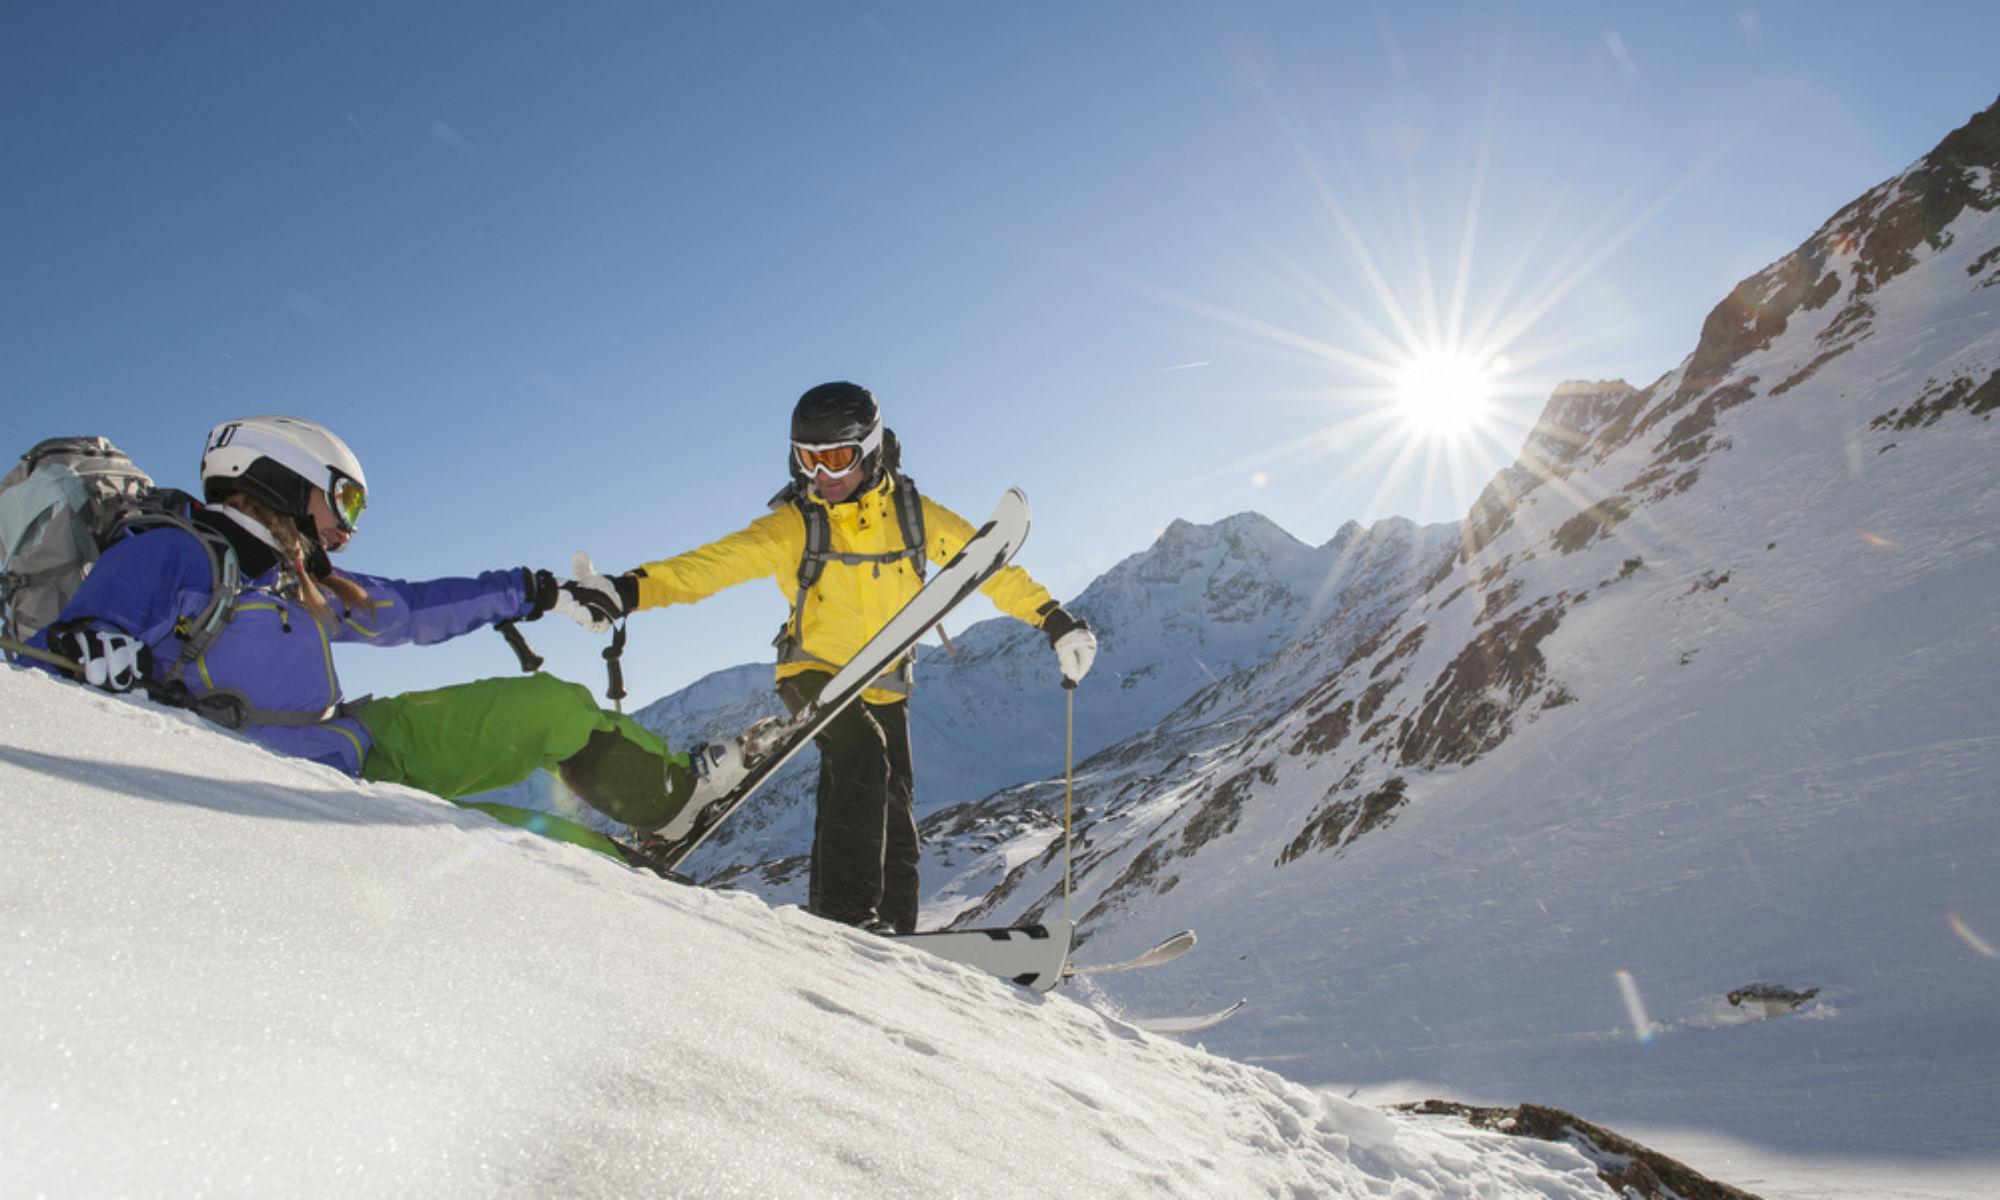 Ein Skifahrer hilft einer gestürzten Skifahrerin beim Wiederaufstehen.